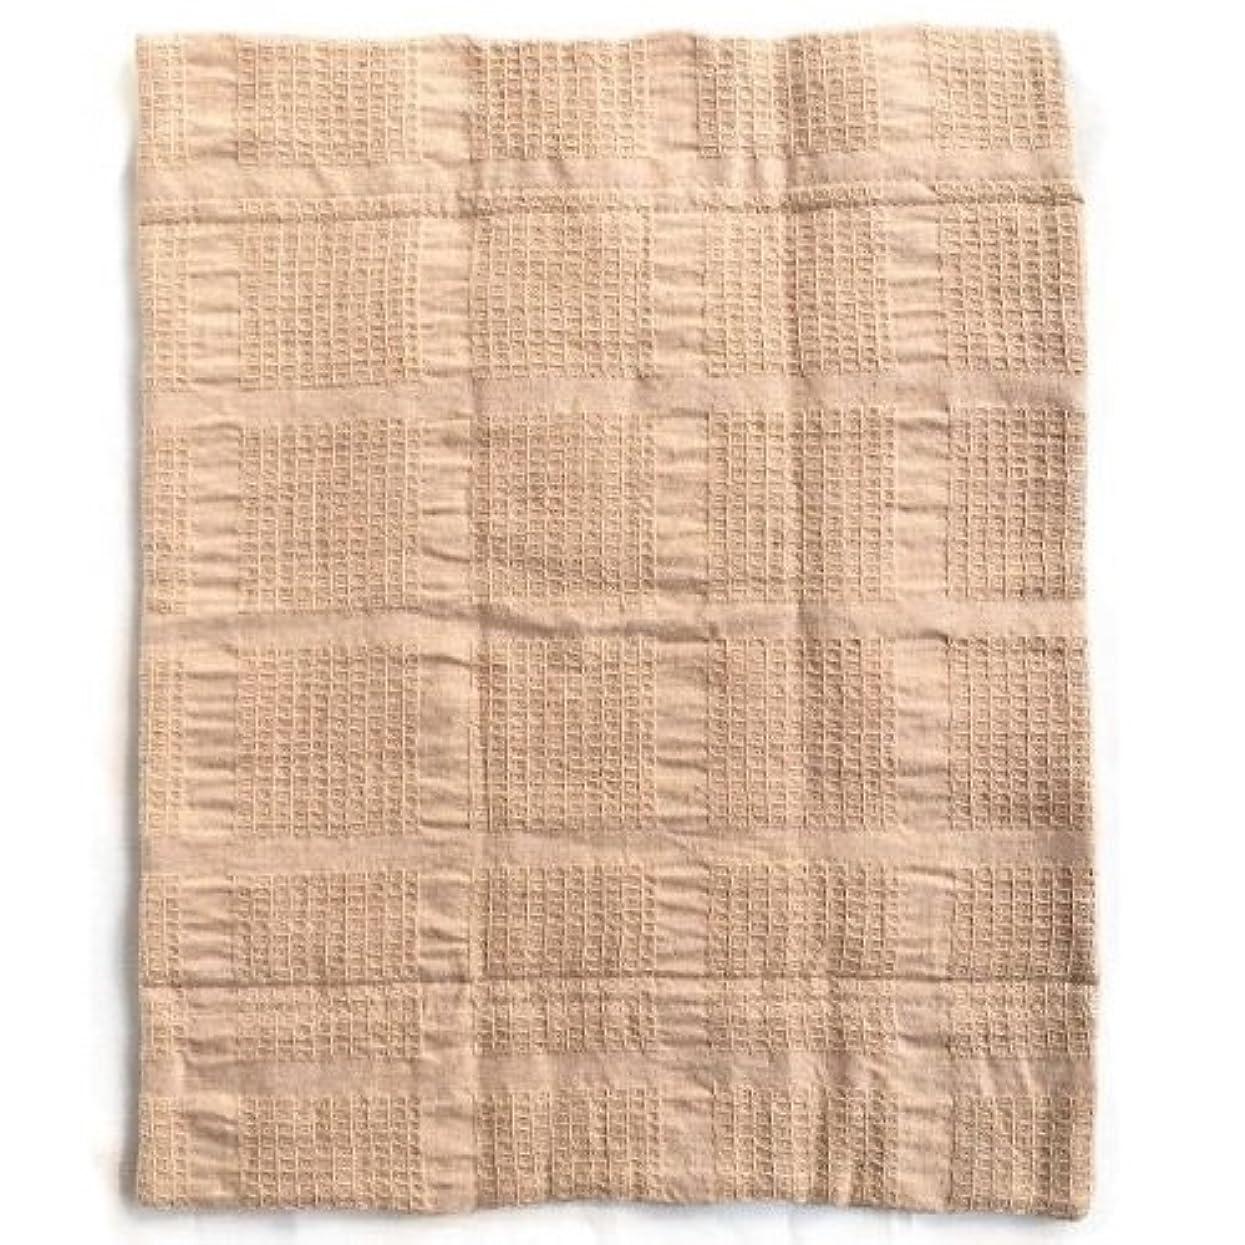 ミケランジェロ取り組むひそかに華布のオーガニックコットンの布ナプキン LLサイズ(約28cm×約35cm) 1枚入り